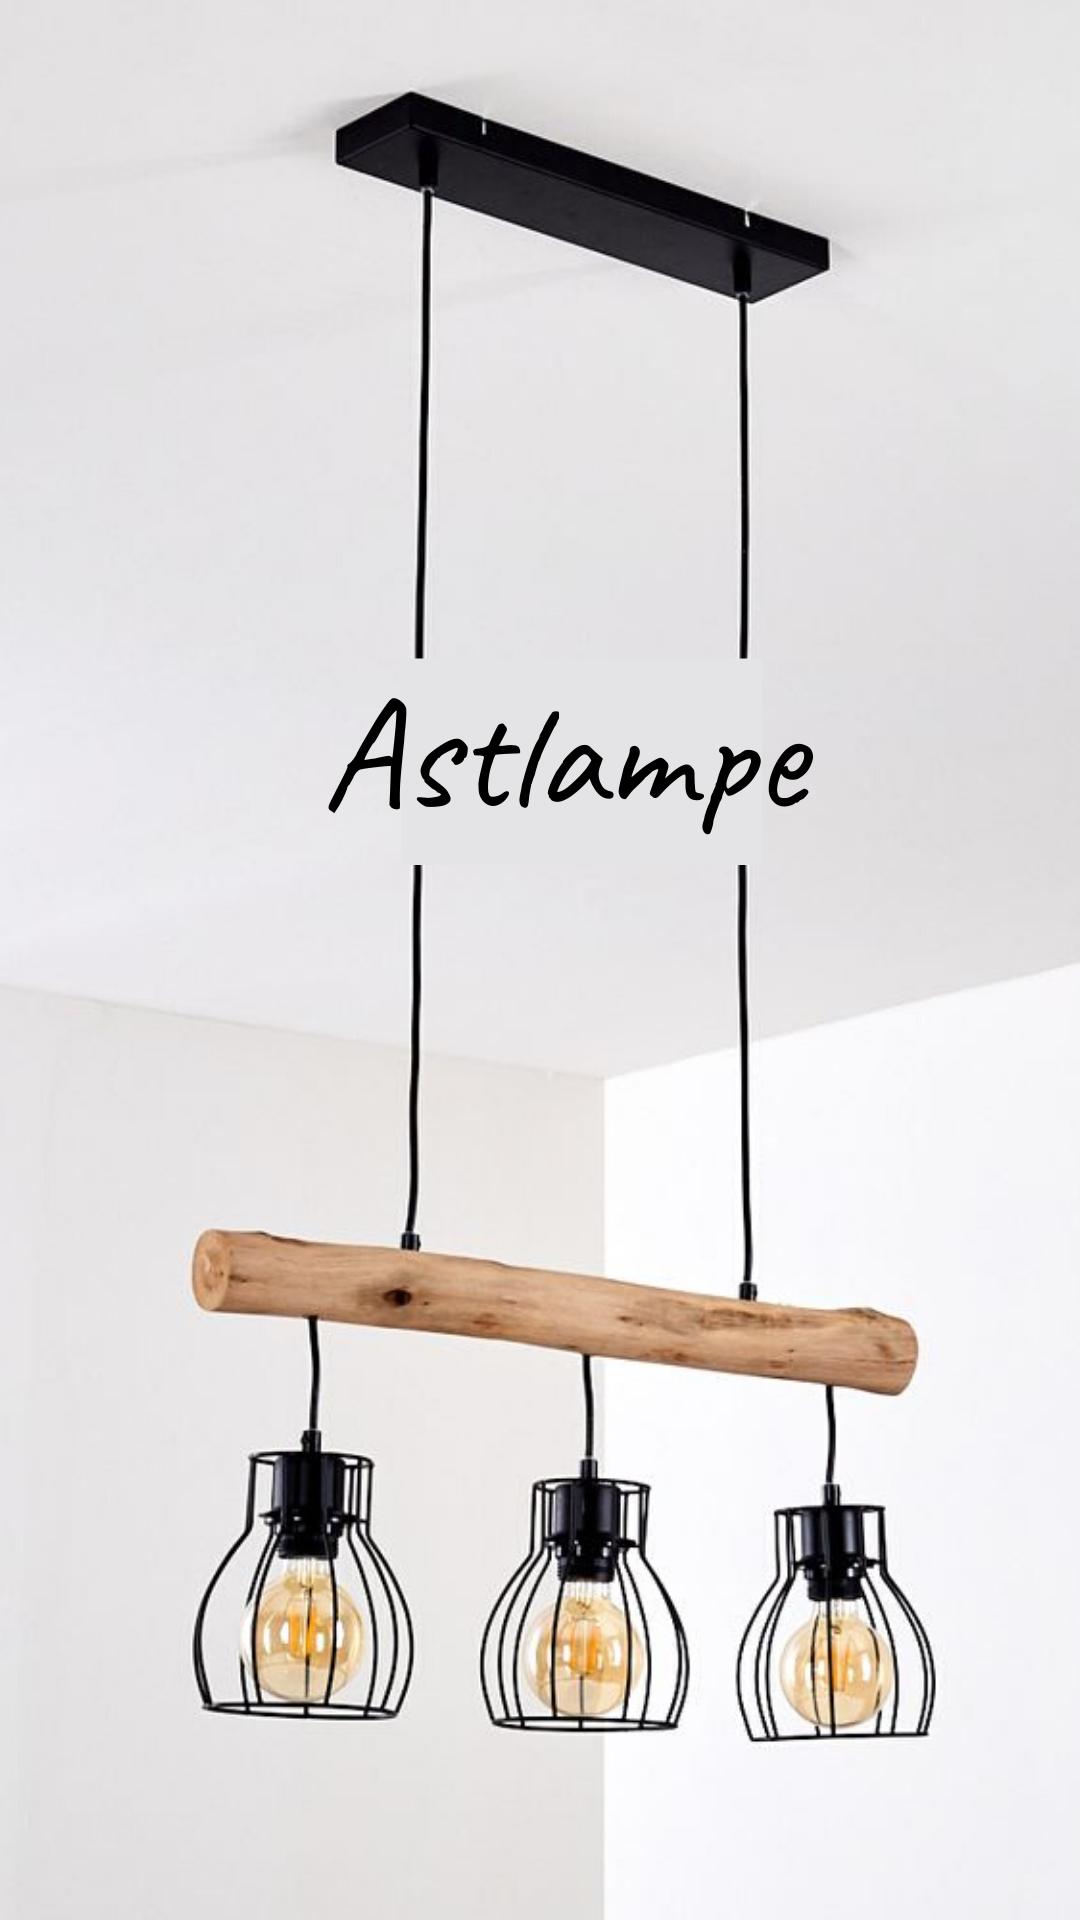 Lampe Ast Holzlampe Fur Den Esstisch Holz Hangelampe Lampe Esstisch Ast Lampe